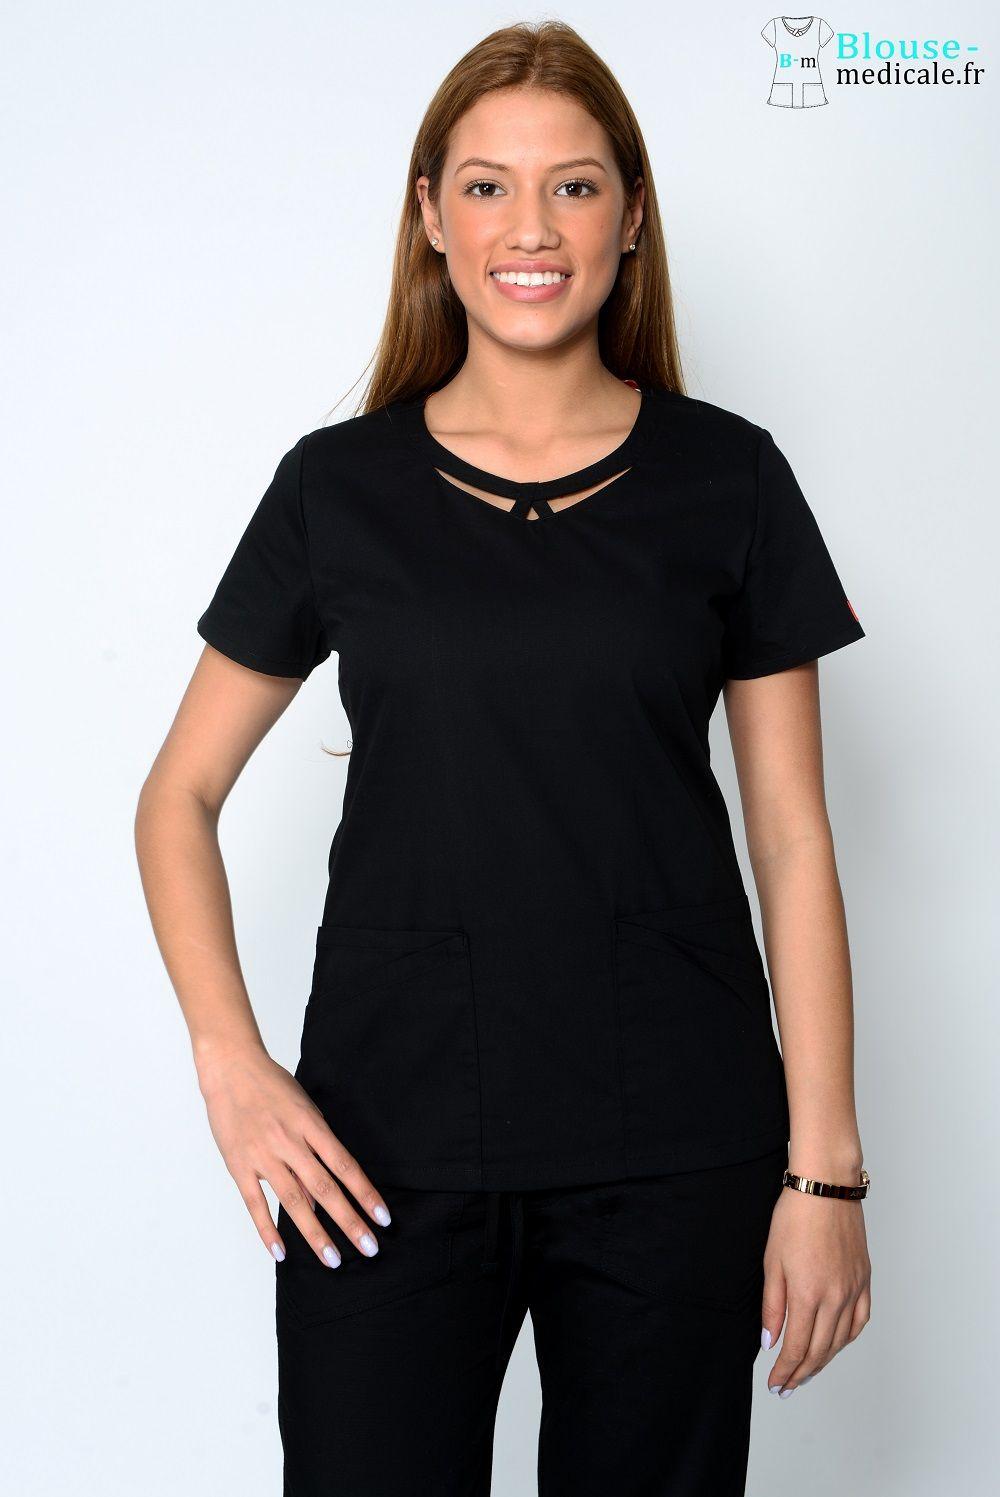 blouse medicale dickies femme 85810 noir